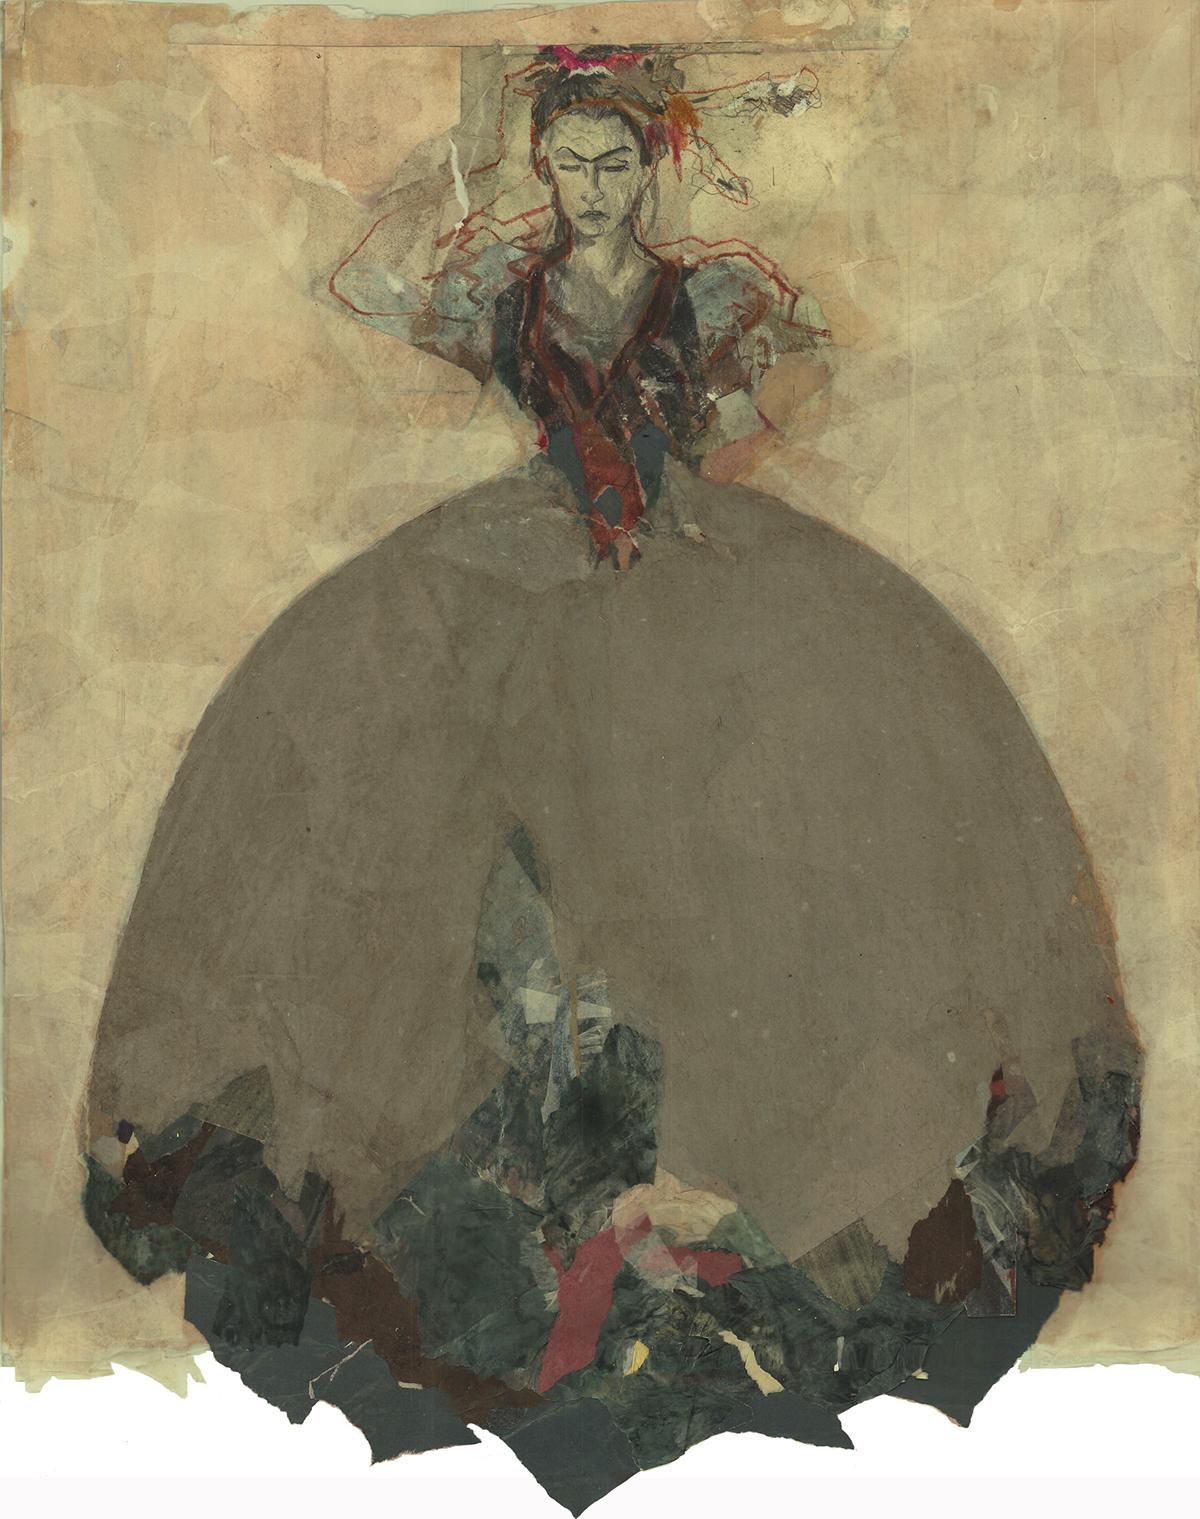 Ute Rathmann: The reincarnation of Klimt, Shiele and Toulouse-Lautrec